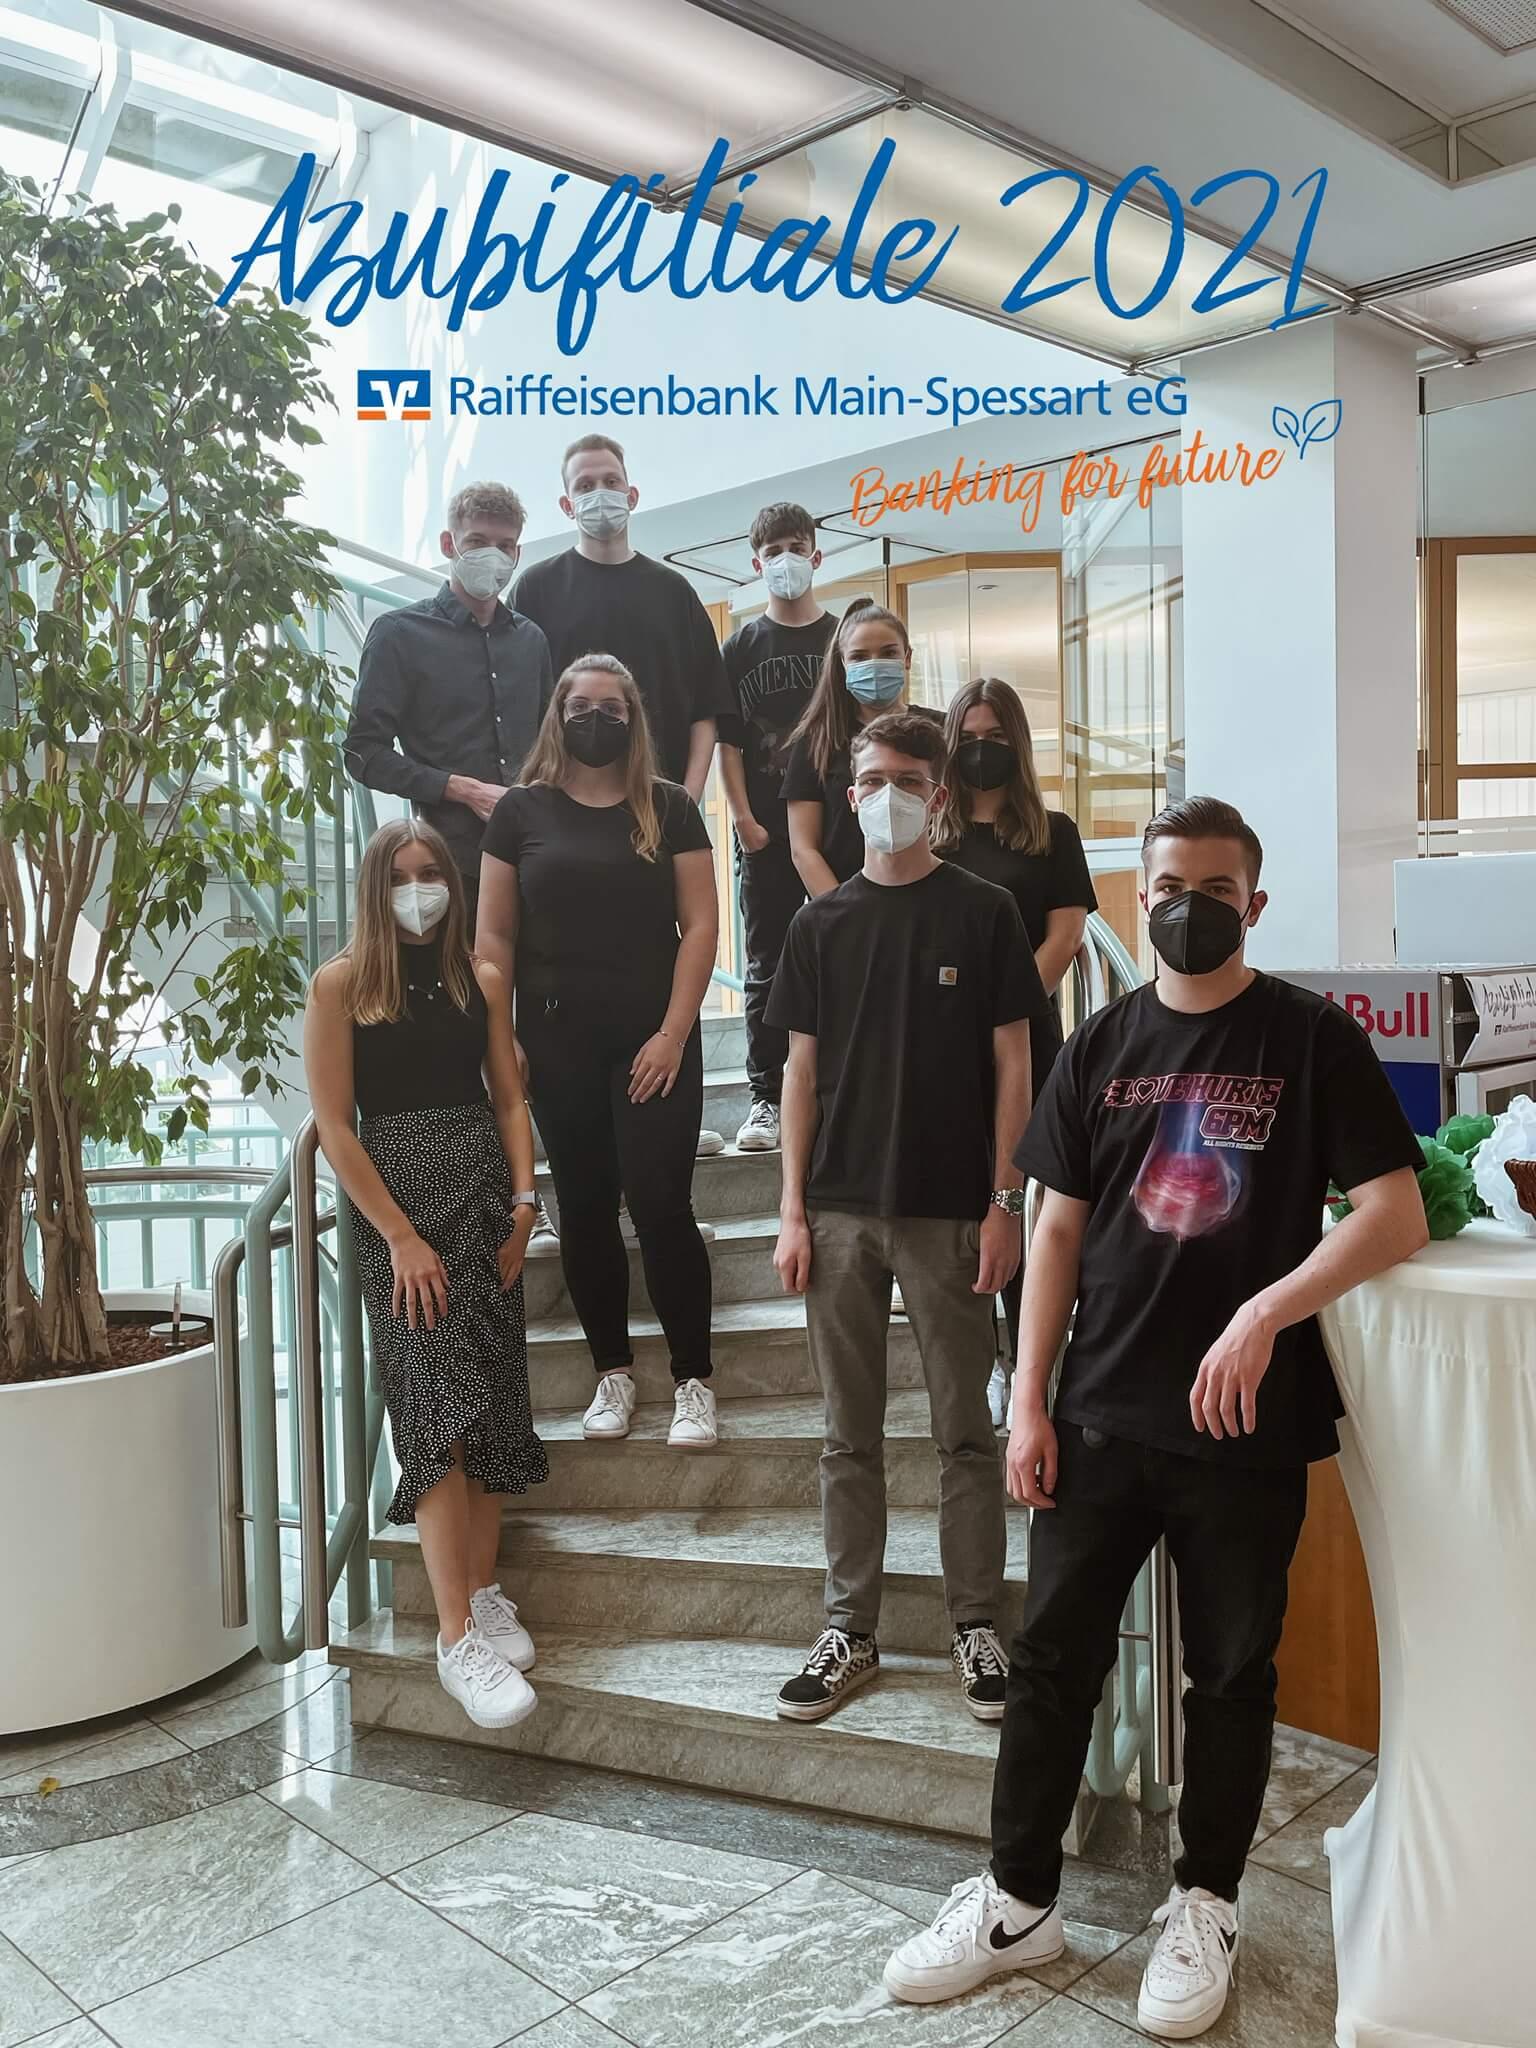 Azubifiliale 2021